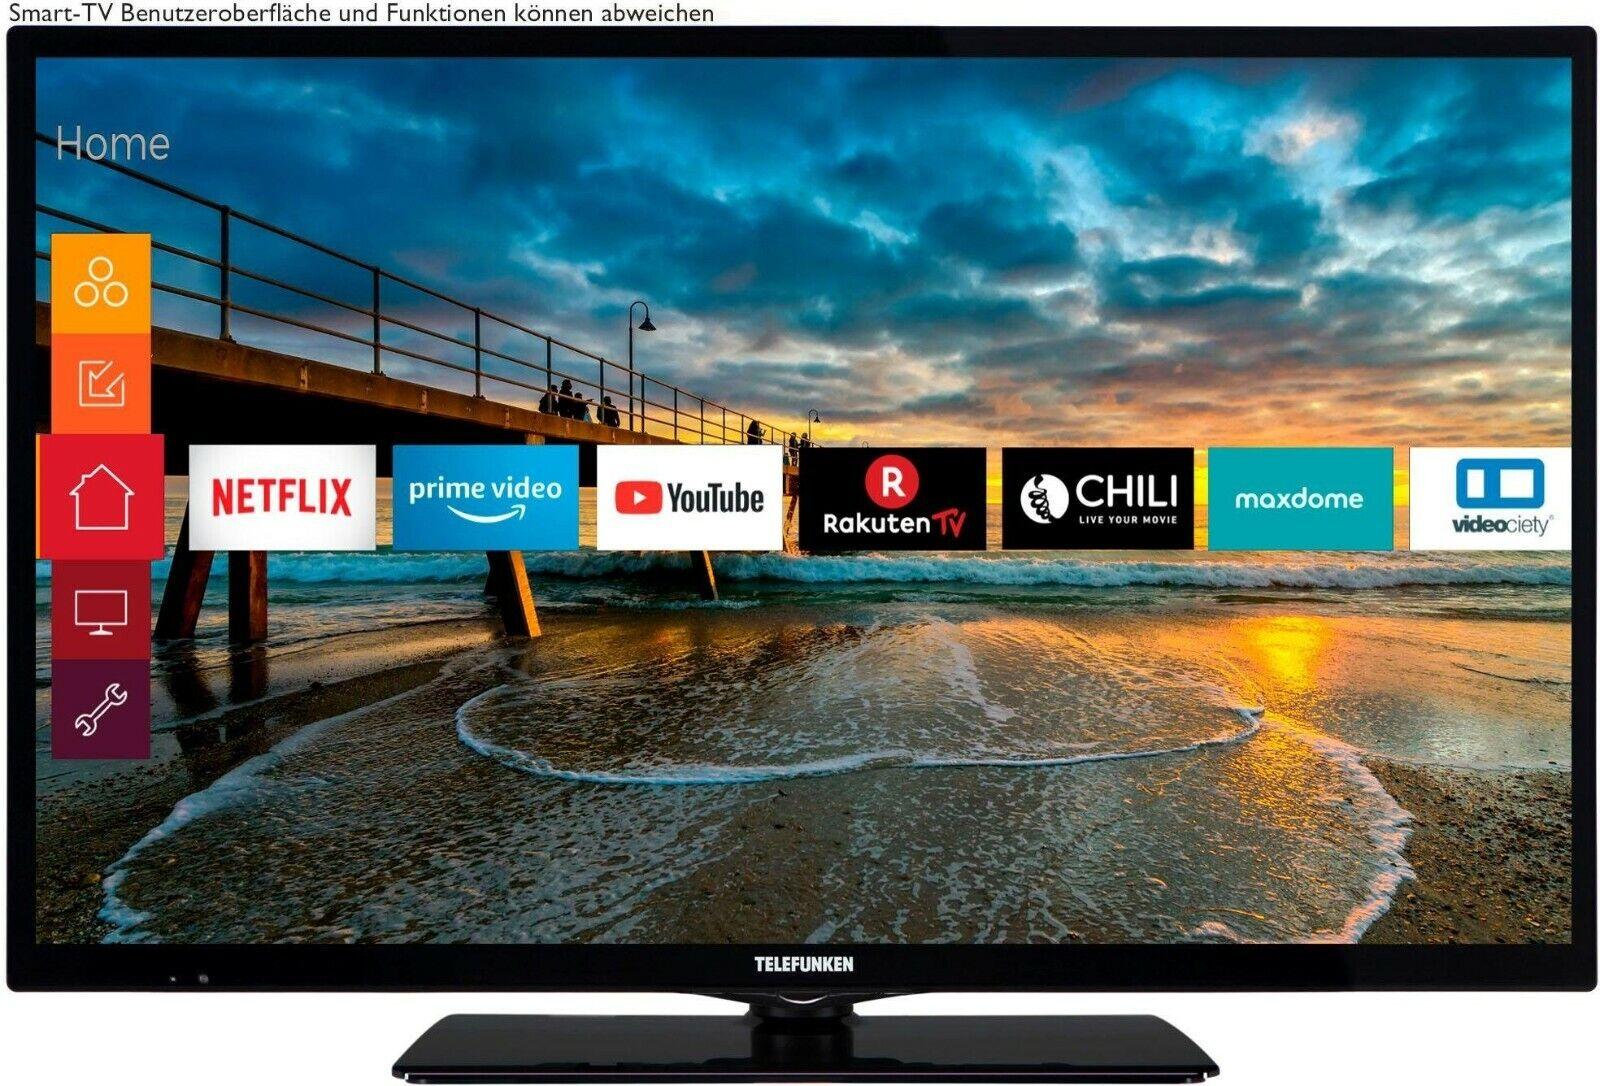 Telefunken LED-Fernseher 80 cm/32 Zoll, Full HD, Smart-TV,Triple Tuner,Wlan